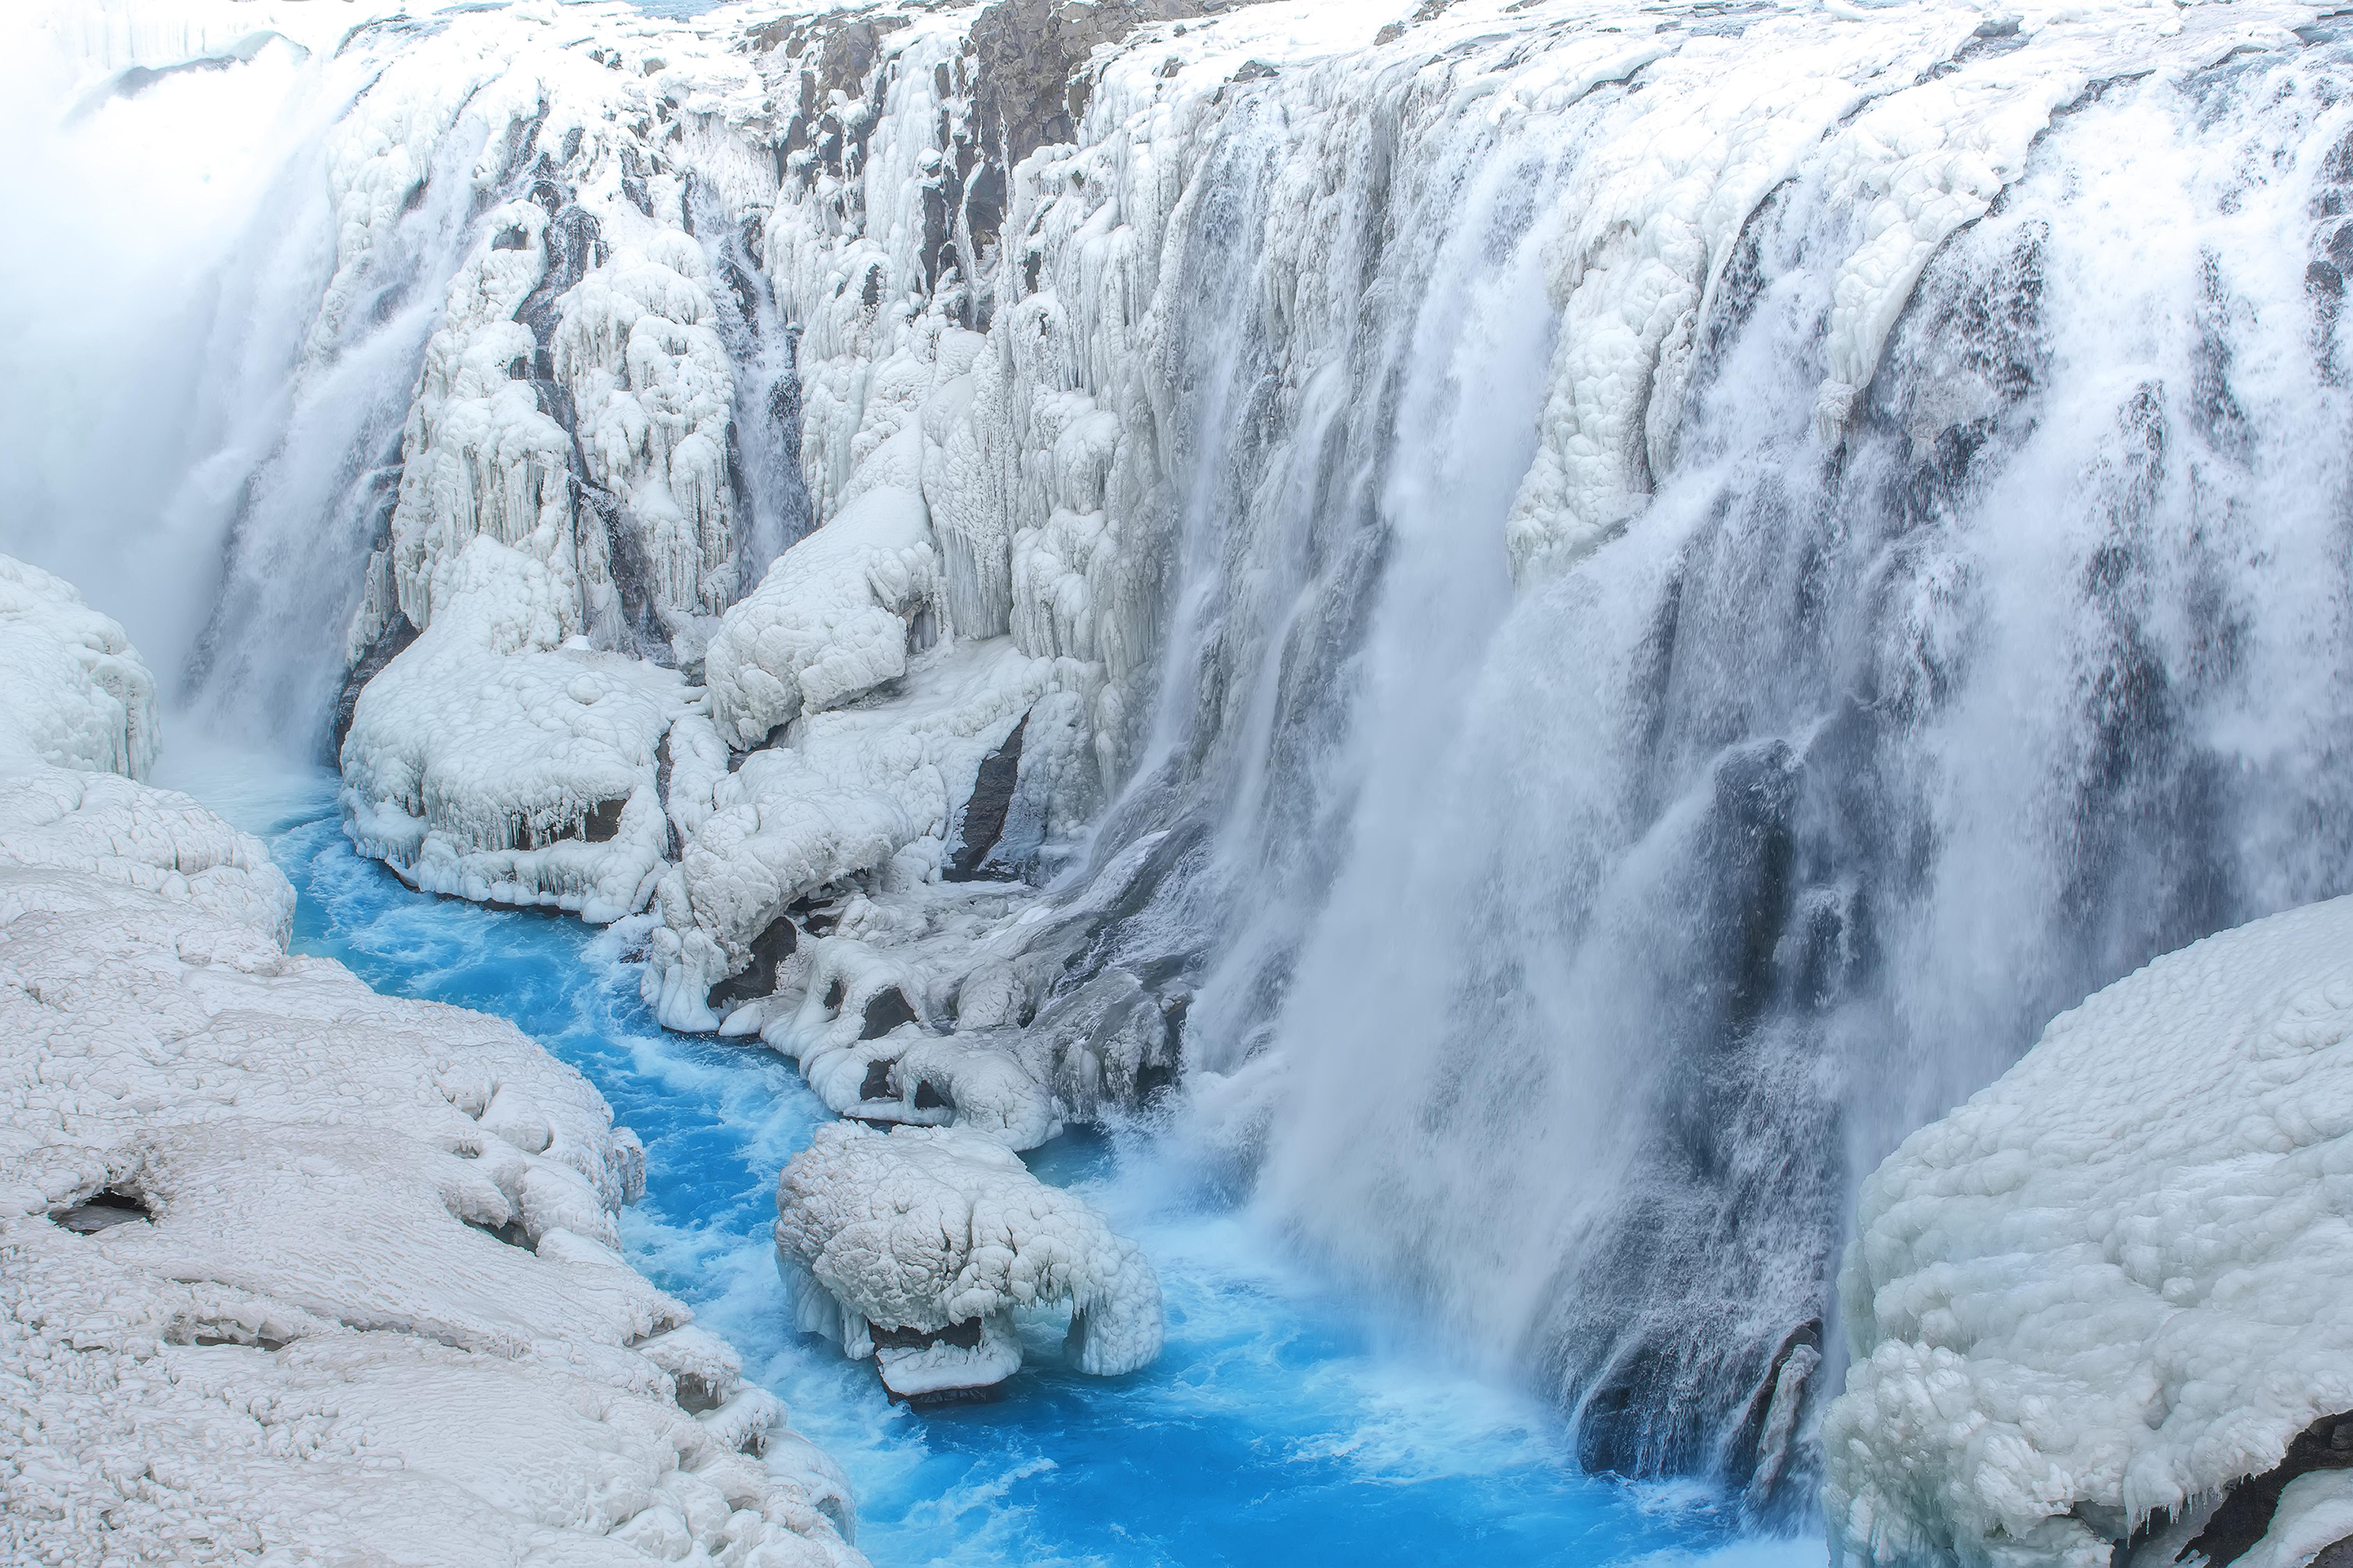 Discovering Icelandic landscapes